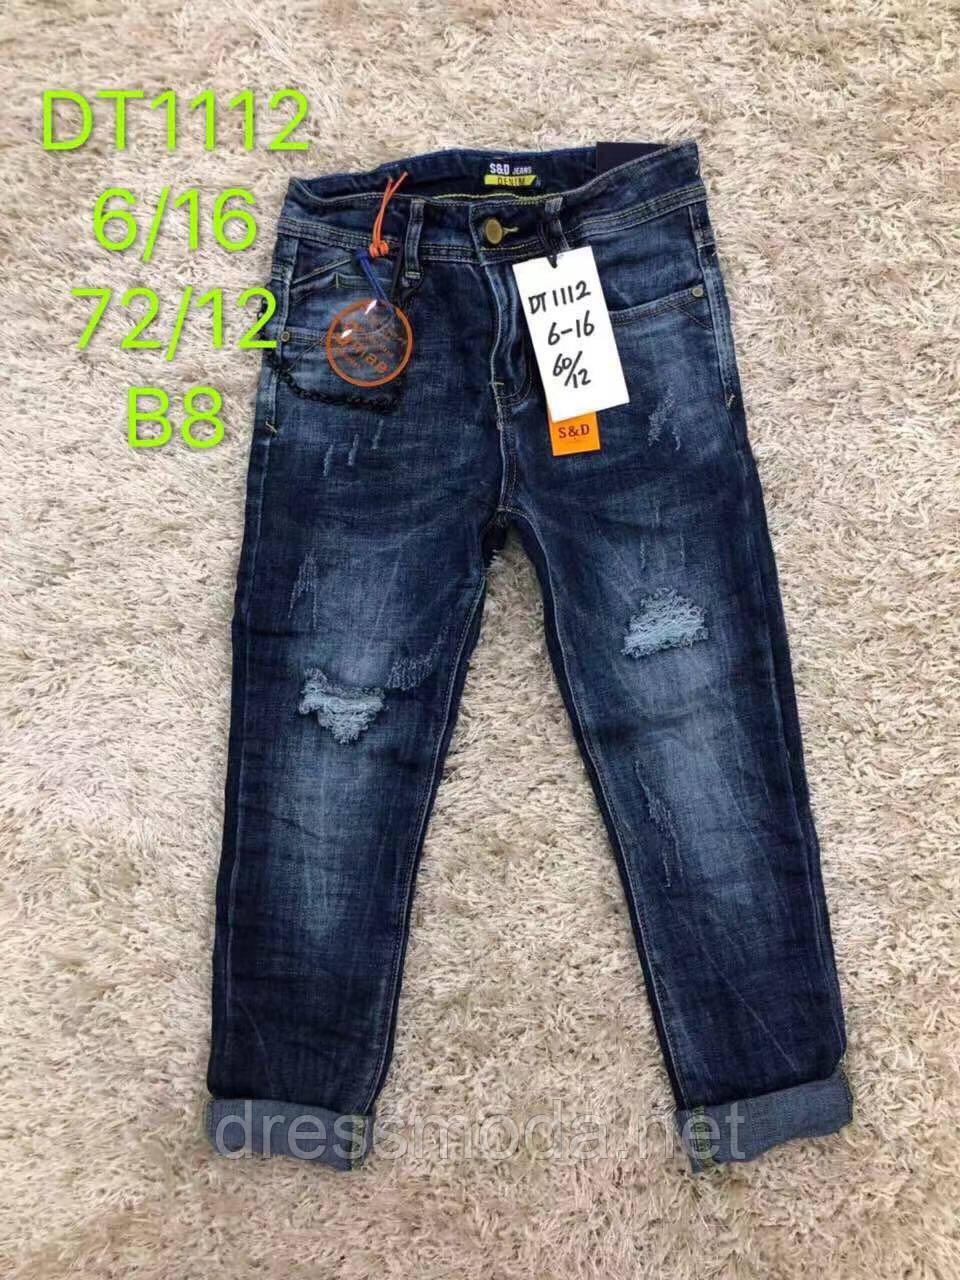 Джинсовые брюки для мальчиков S&D 6-16 лет